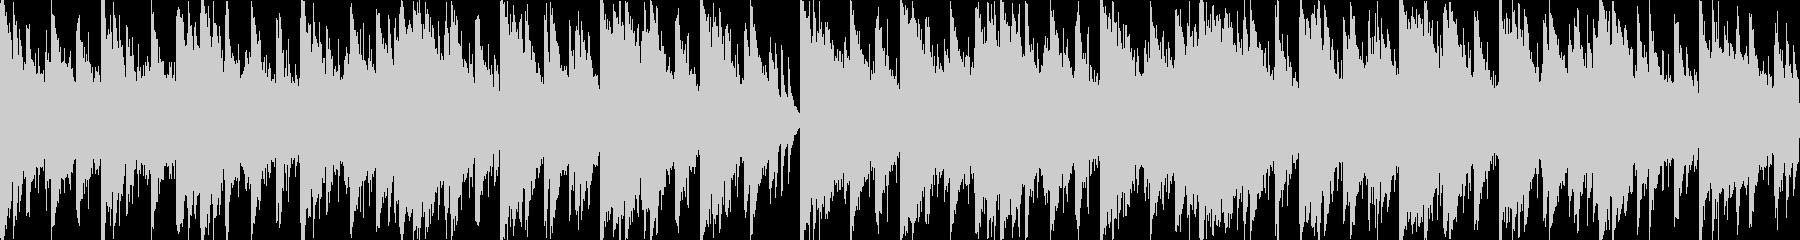 ピアノがメインのホラー系テクノの未再生の波形